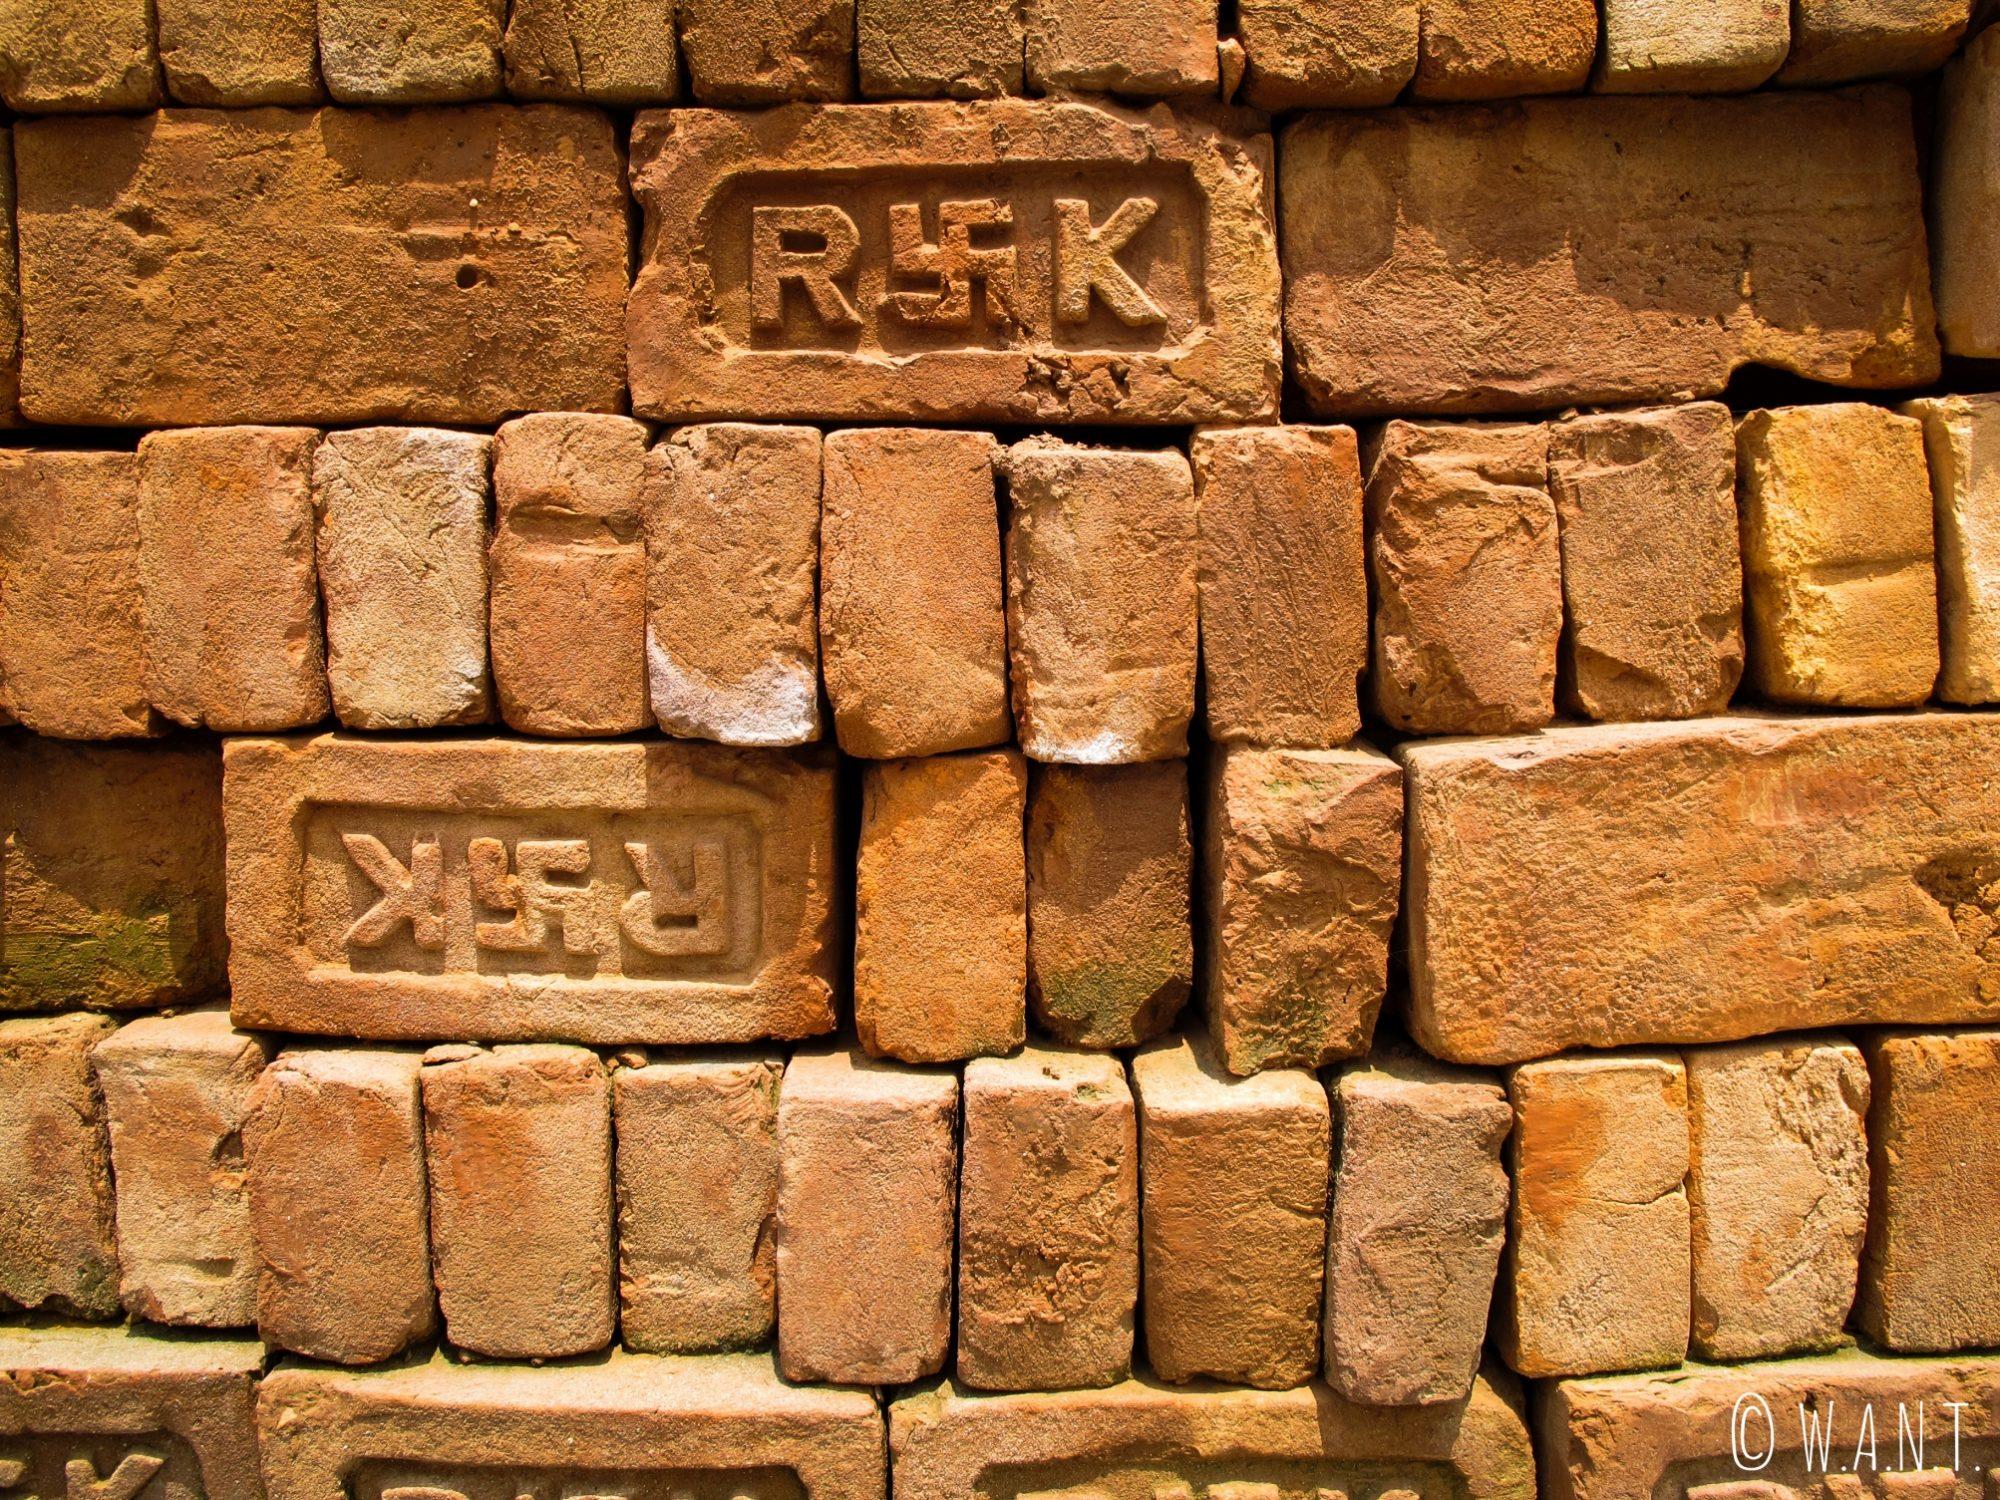 Sur les briques rouges utilisées pour la construction apparait toujours le Svastika